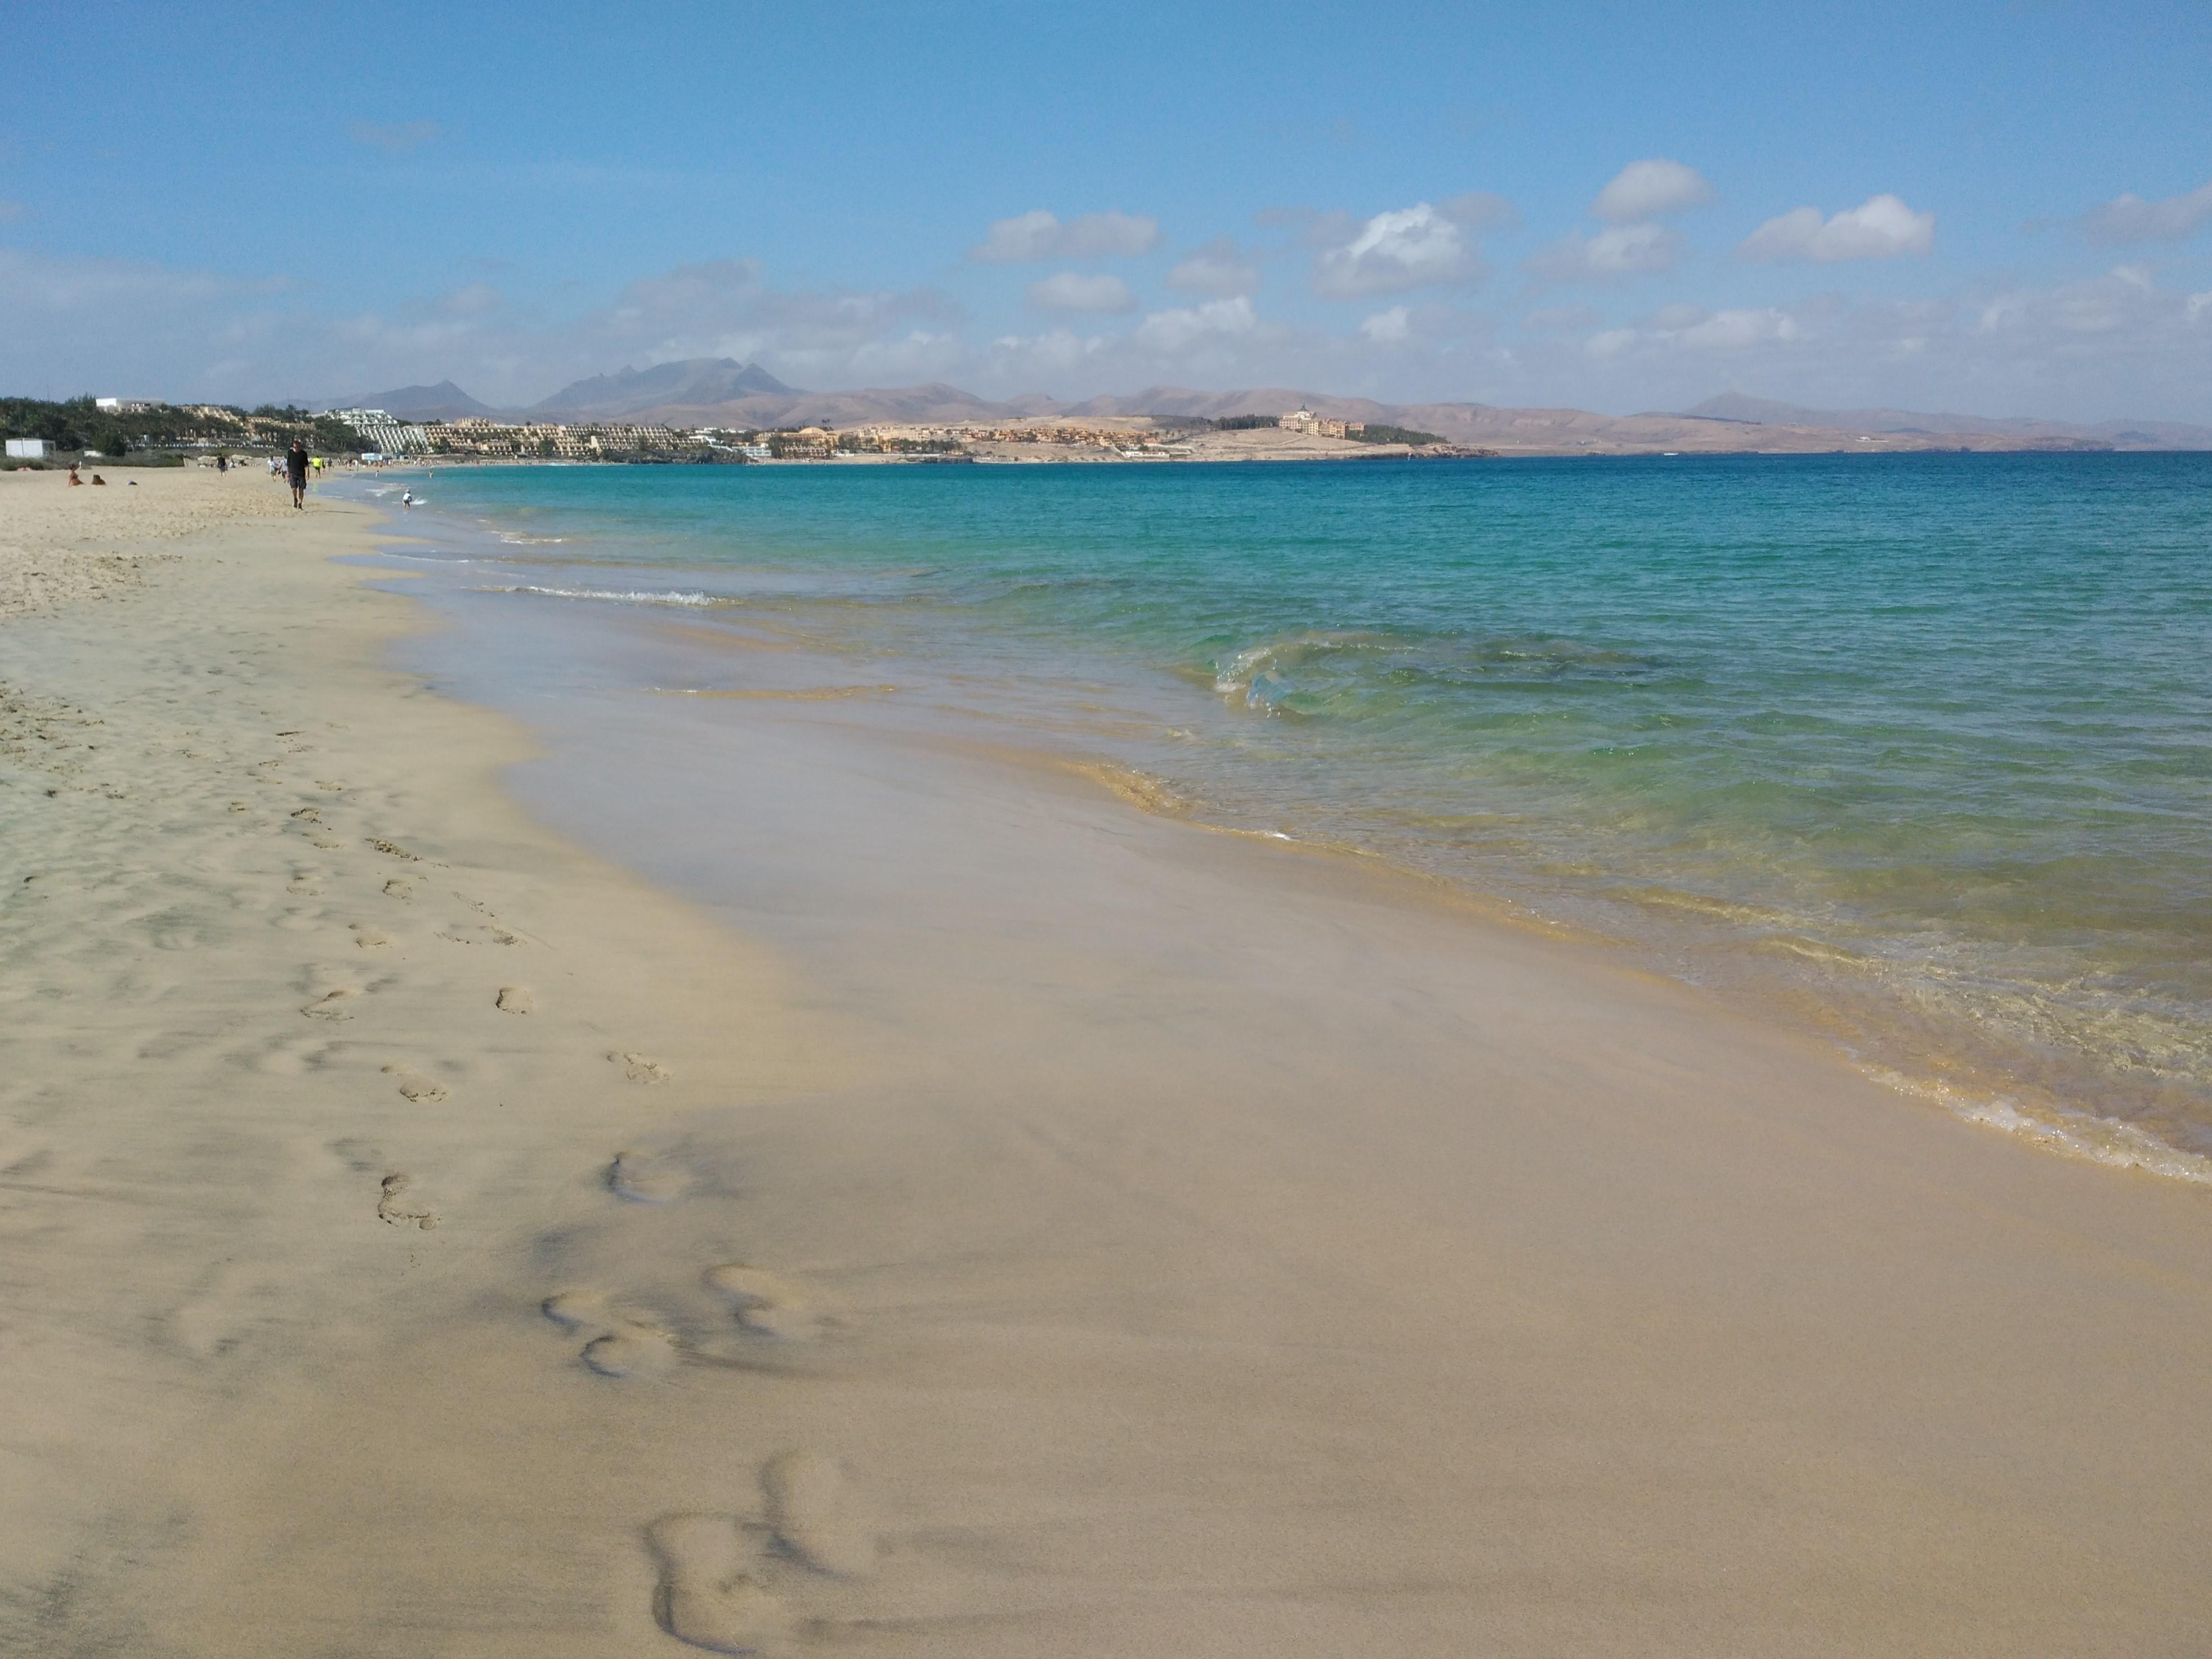 Ferienwohnung Apartment in Strandnhe mit groer Terrasse, Wlan und Parkplatz (2628896), Costa Calma, Fuerteventura, Kanarische Inseln, Spanien, Bild 33